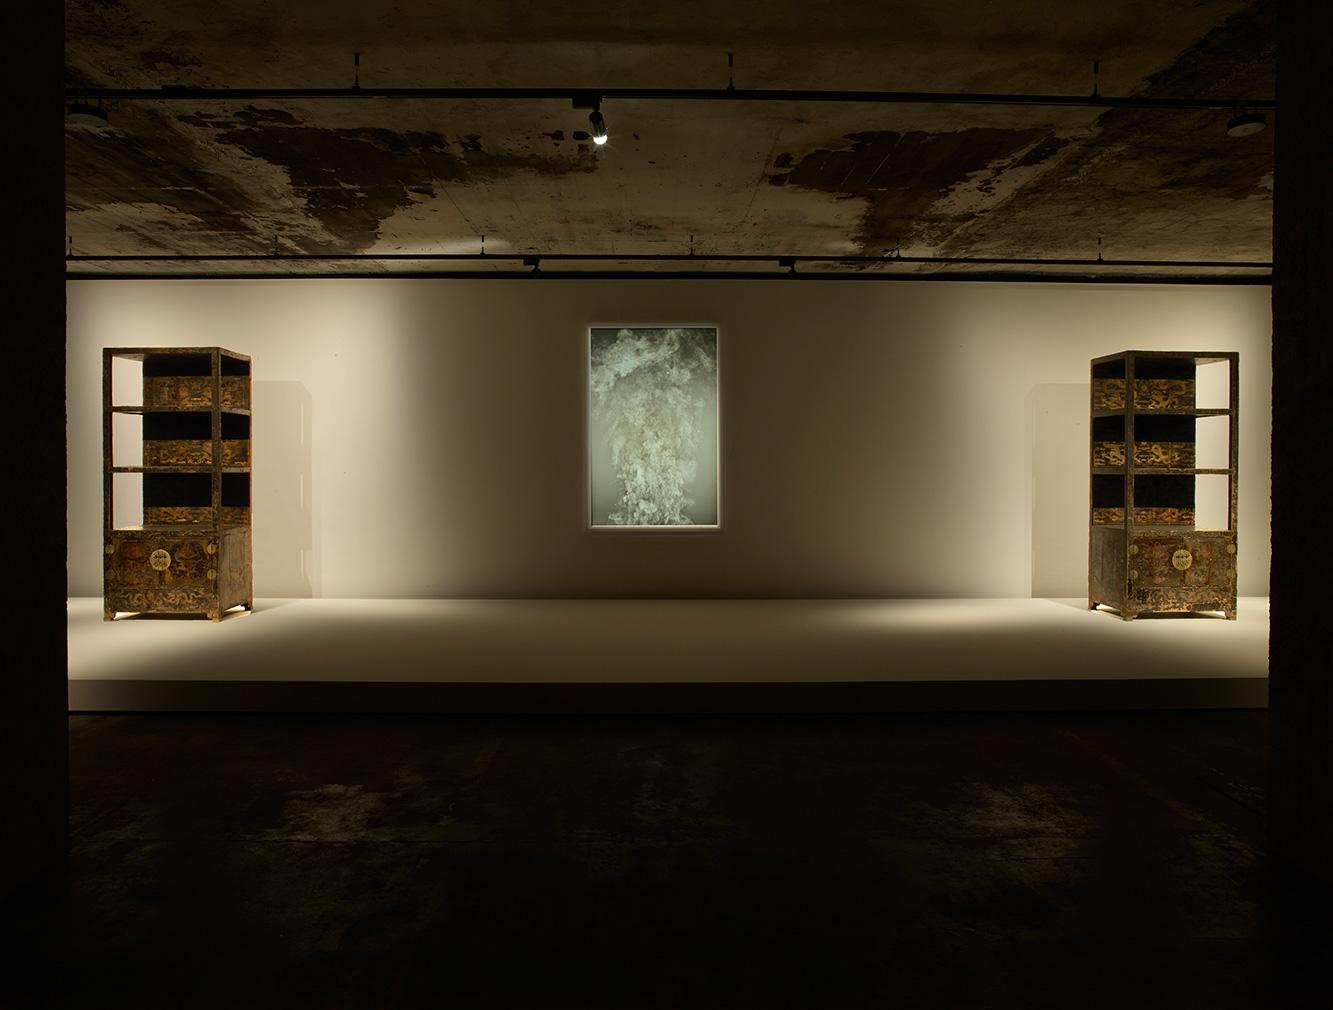 Feuerle Collection bunker in Berlin